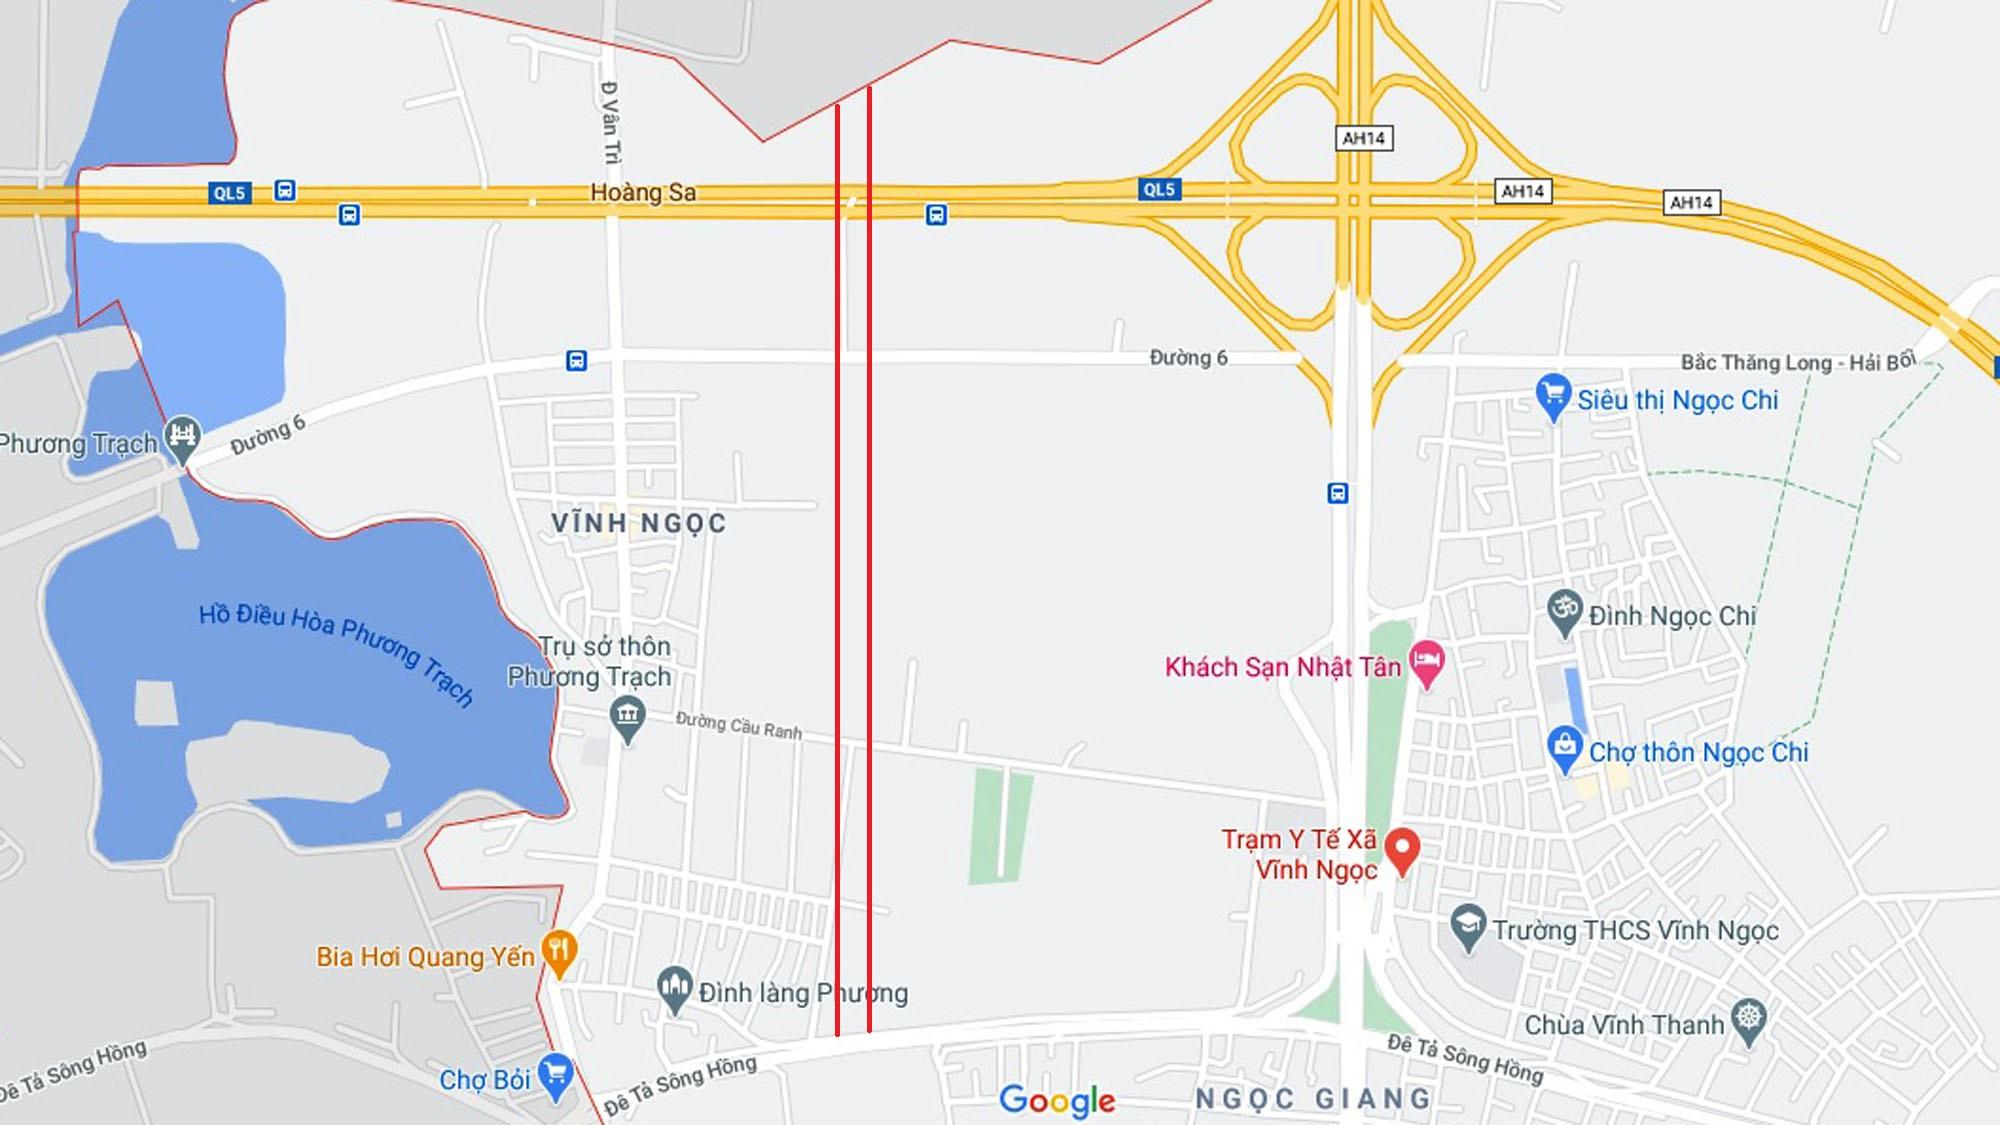 4 đường sẽ mở theo qui hoạch ở xã Vĩnh Ngọc, Đông Anh, Hà Nội - Ảnh 2.